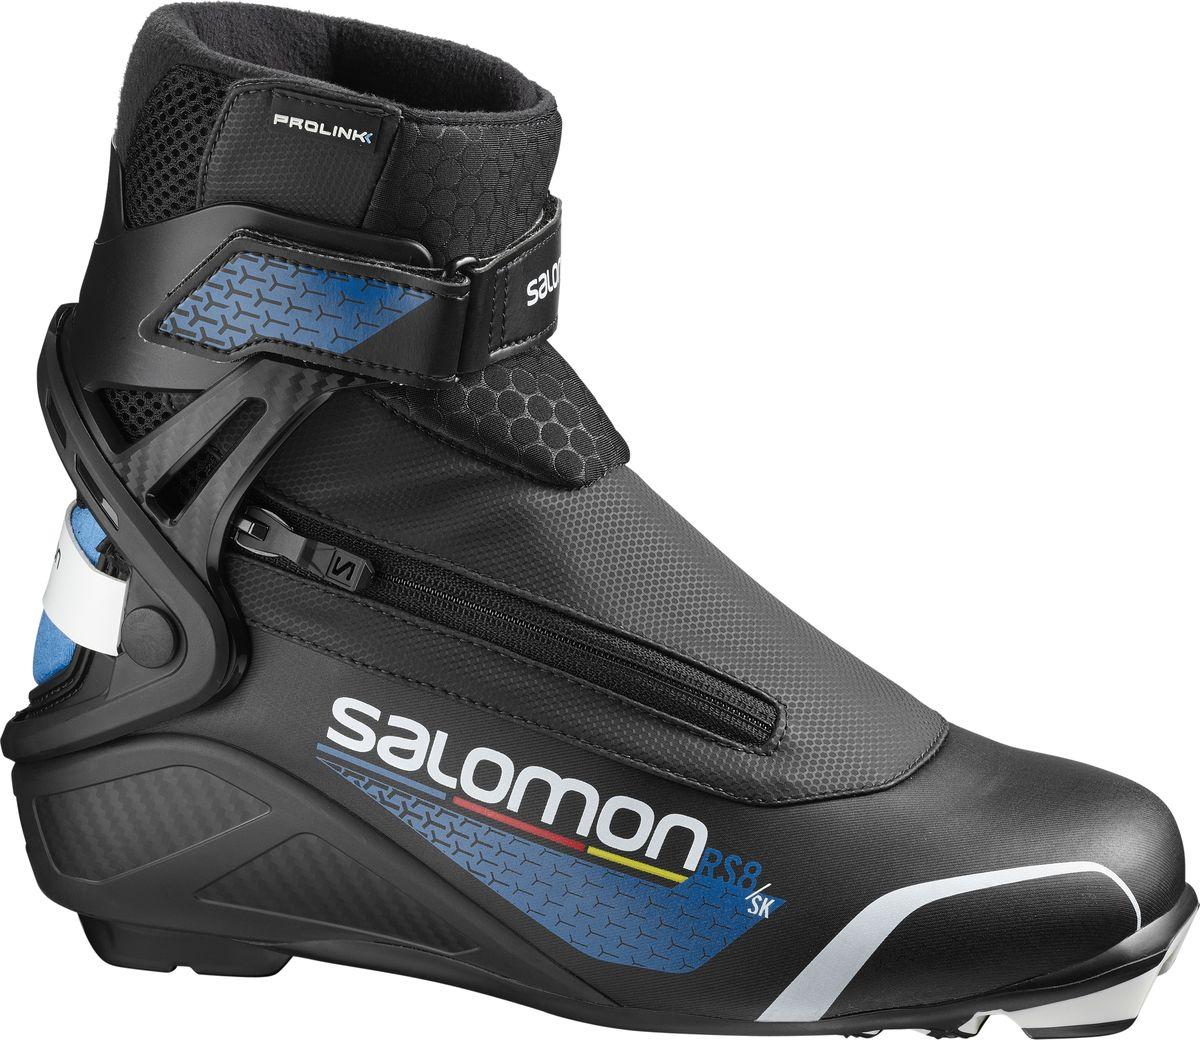 Ботинки лыжные мужские Salomon RS8 Prolink, цвет: черный. Размер 11 (44,5) ботинки лыжные мужские salomon escape 7 prolink цвет черный размер 8 5 41